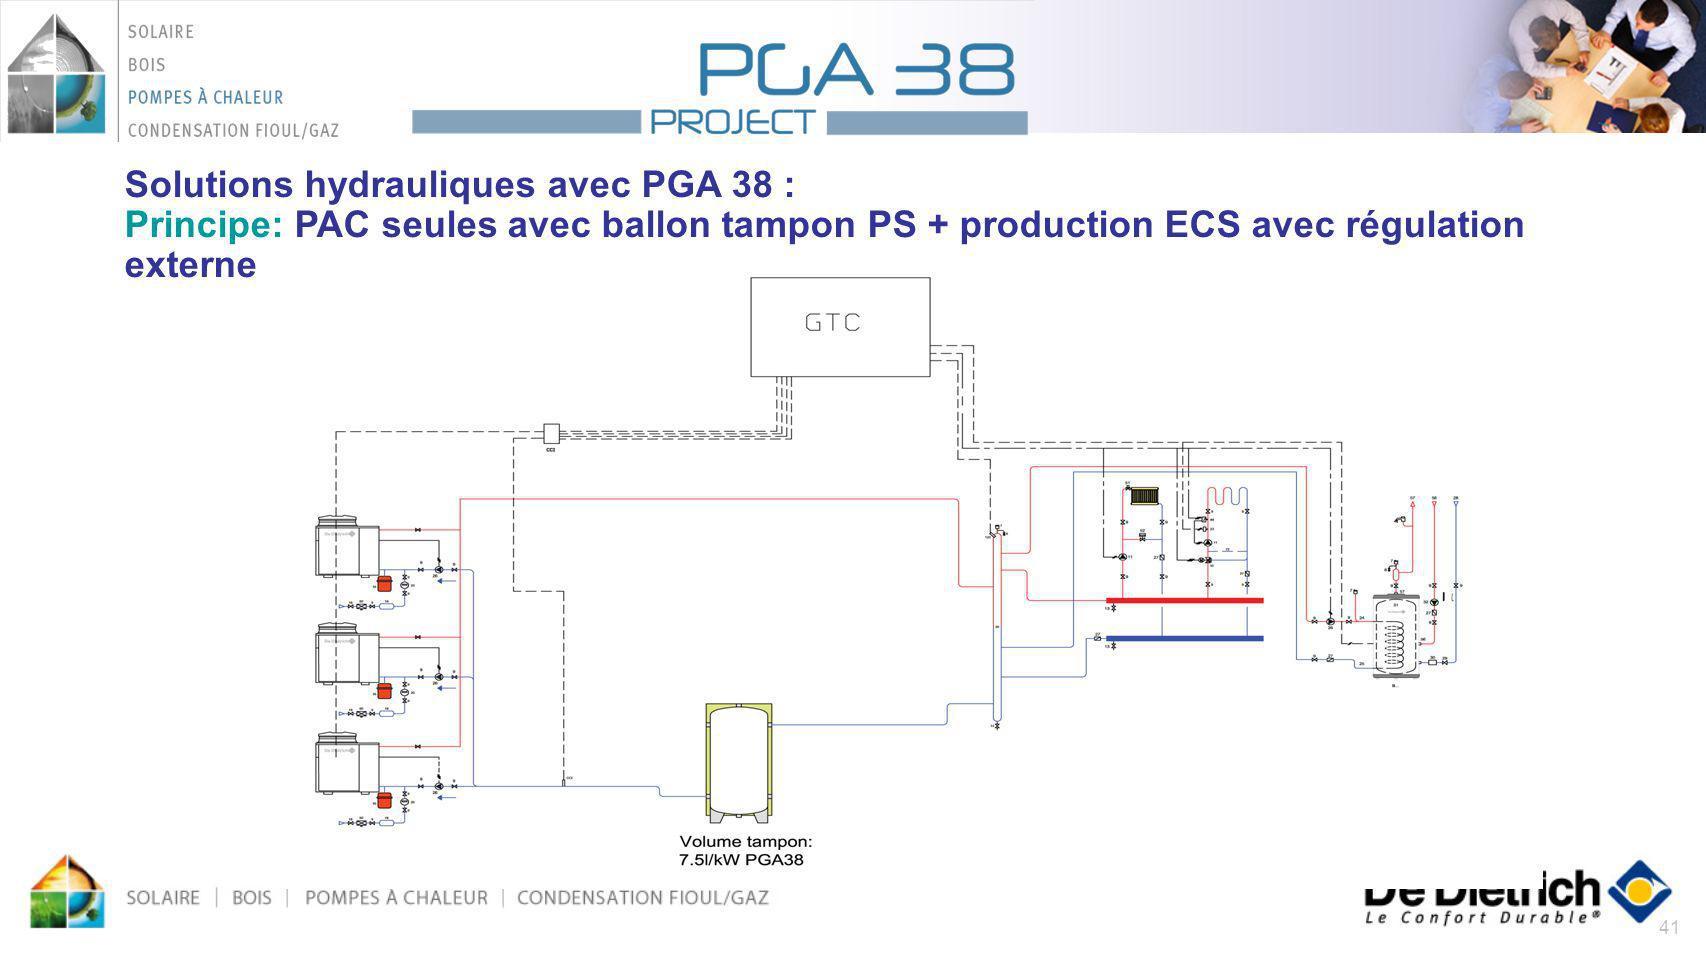 41 Solutions hydrauliques avec PGA 38 : Principe: PAC seules avec ballon tampon PS + production ECS avec régulation externe